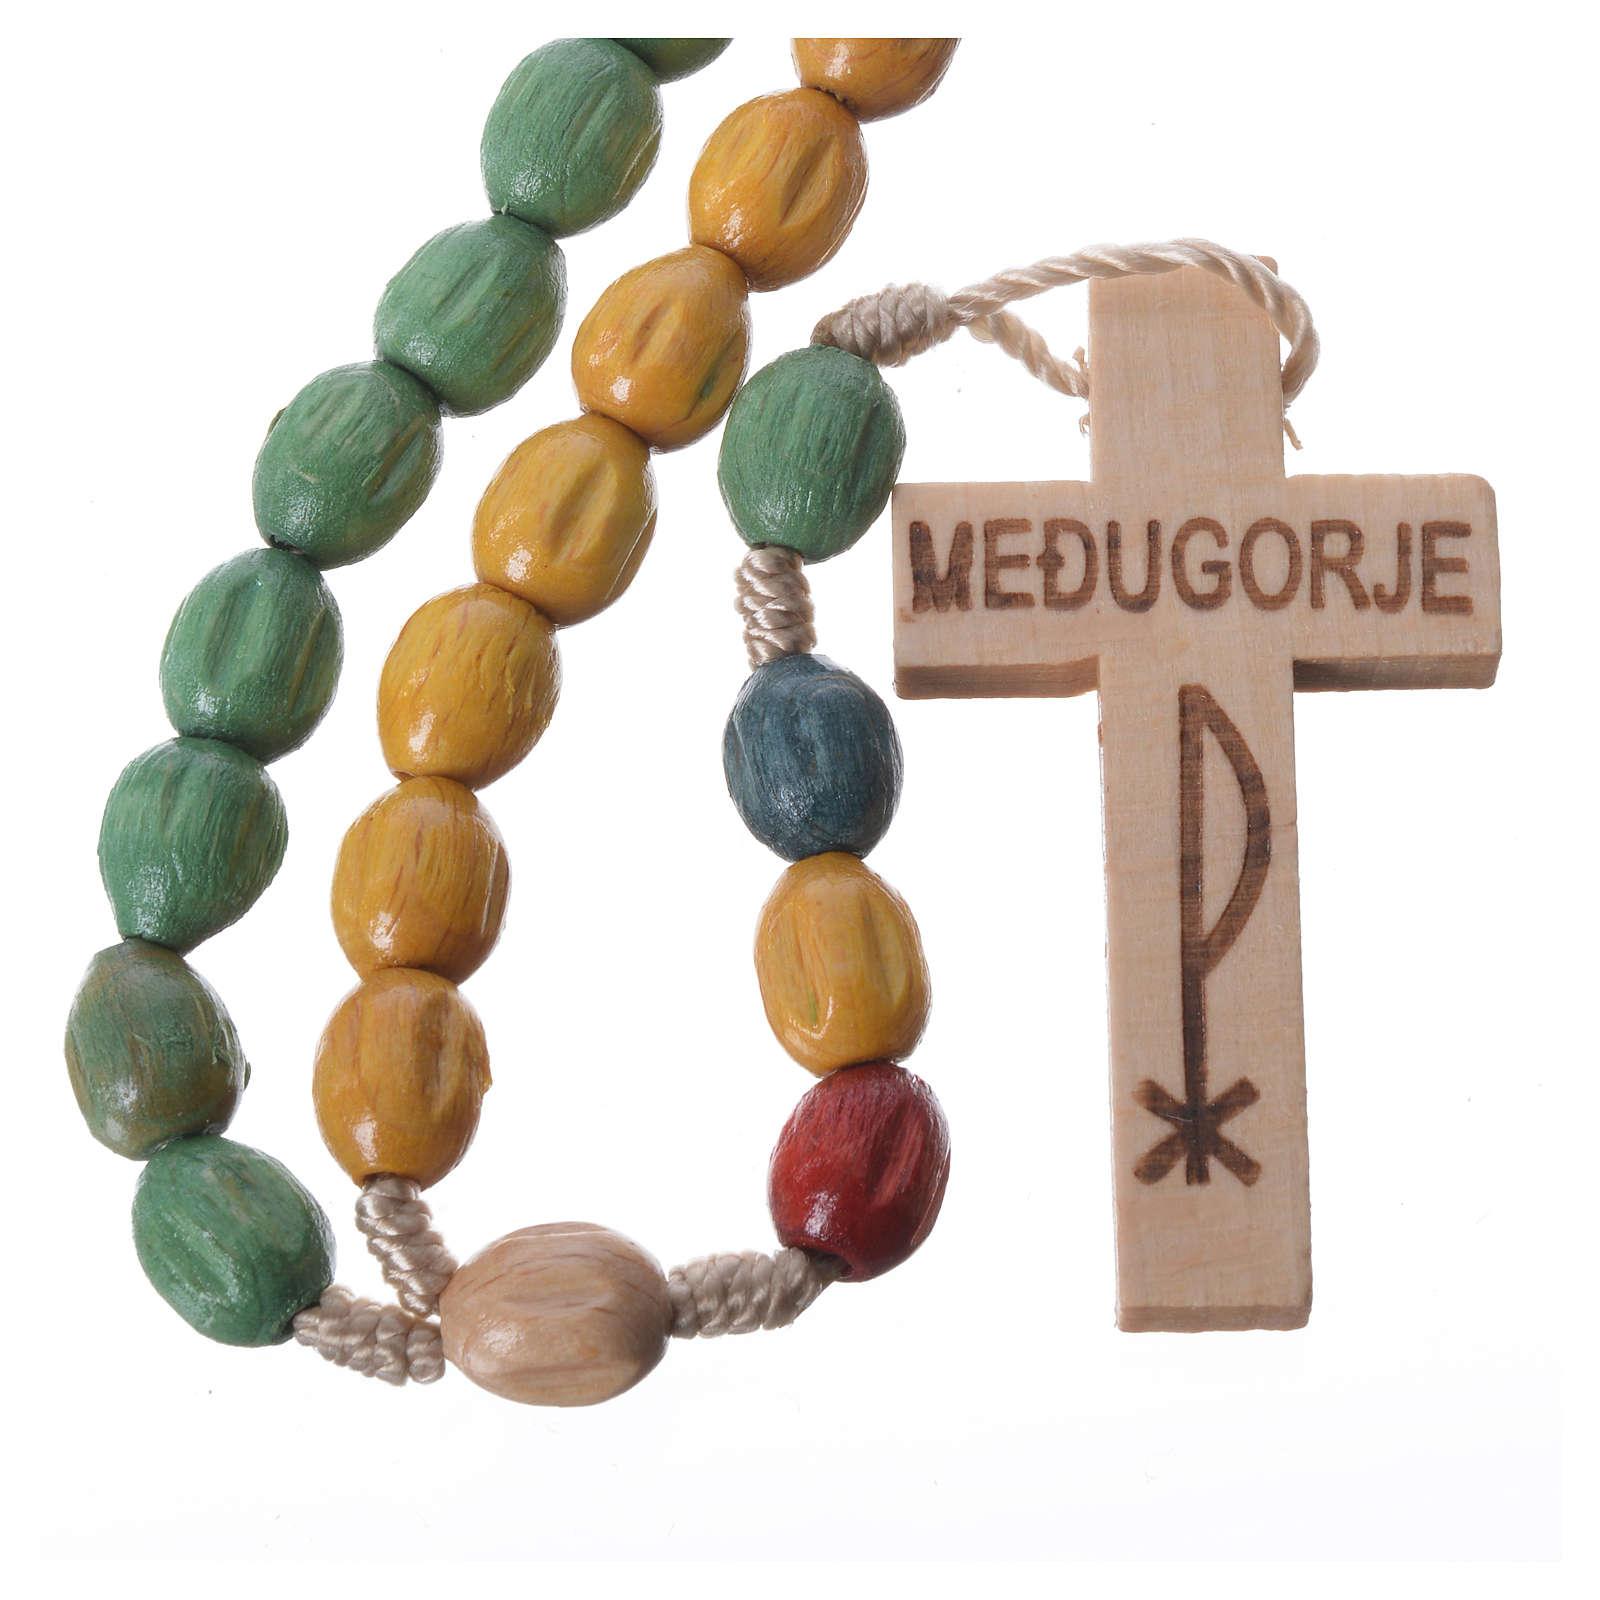 Chapelet en bois Medjugorje grains colorés 4